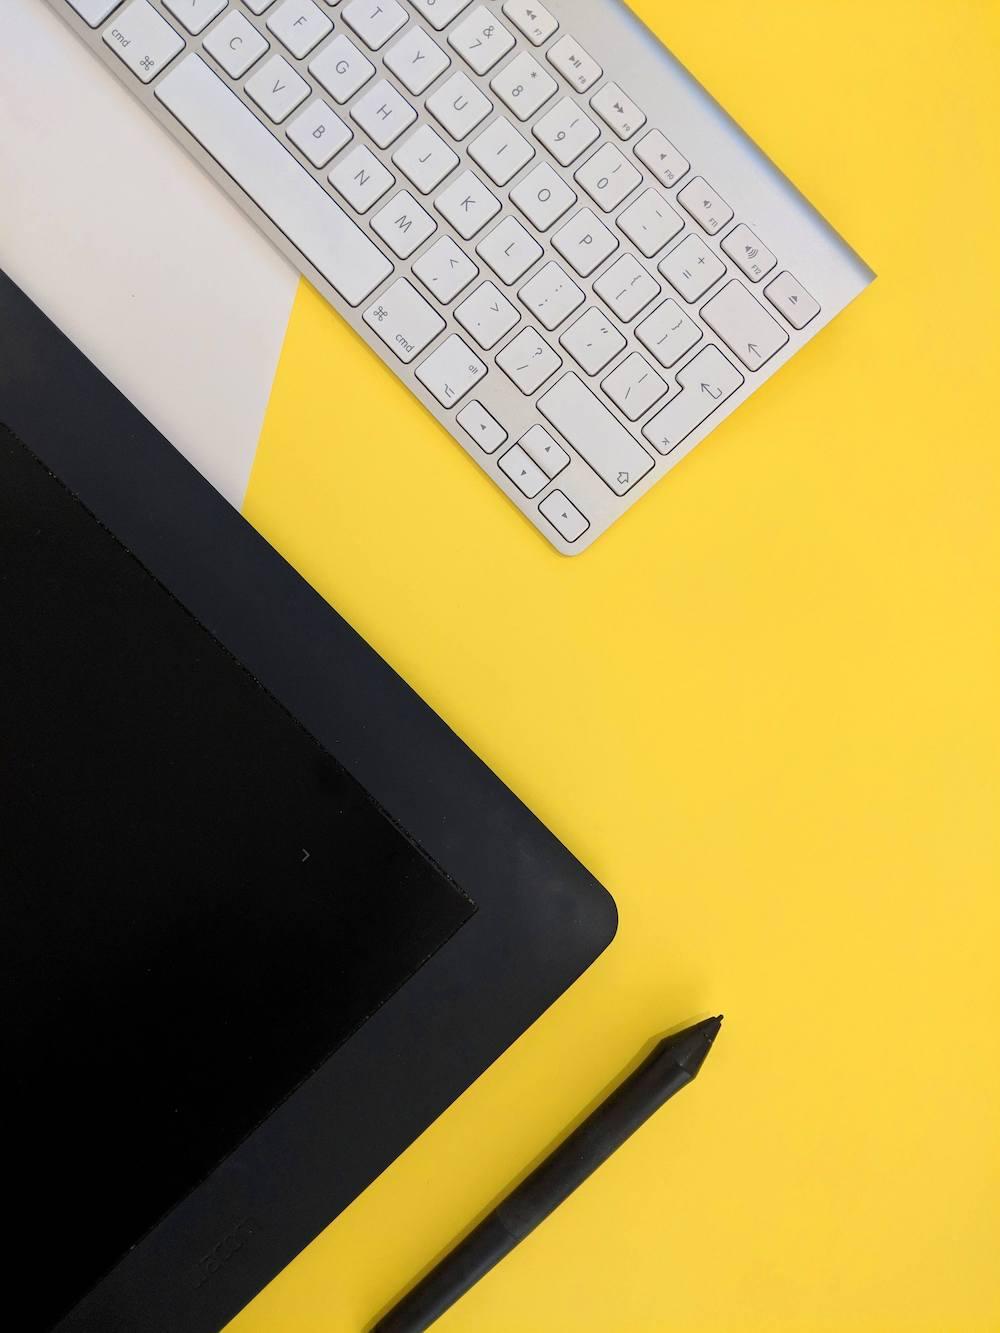 iPad and mac keyboard